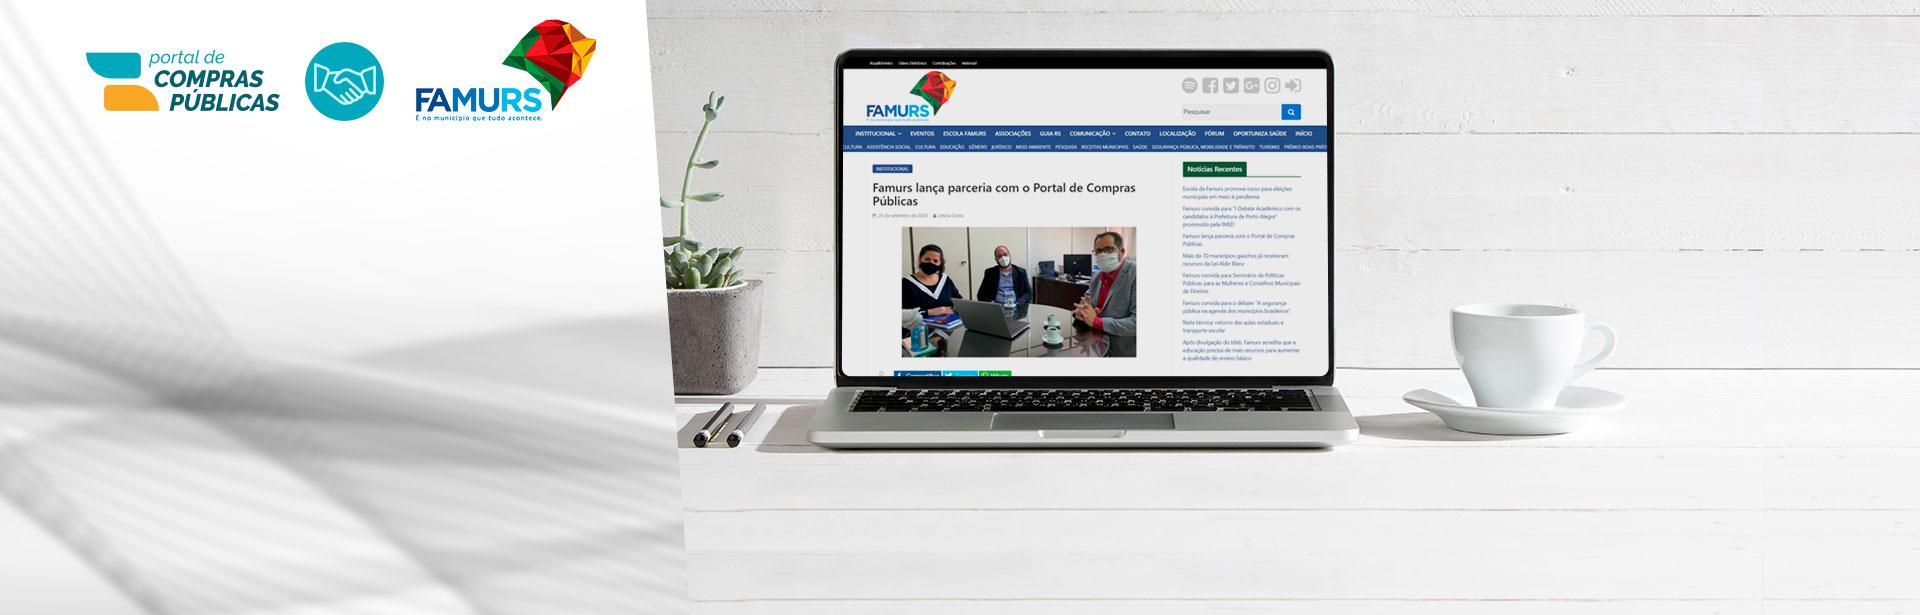 FAMURS destaca parceria recém firmada com o Portal